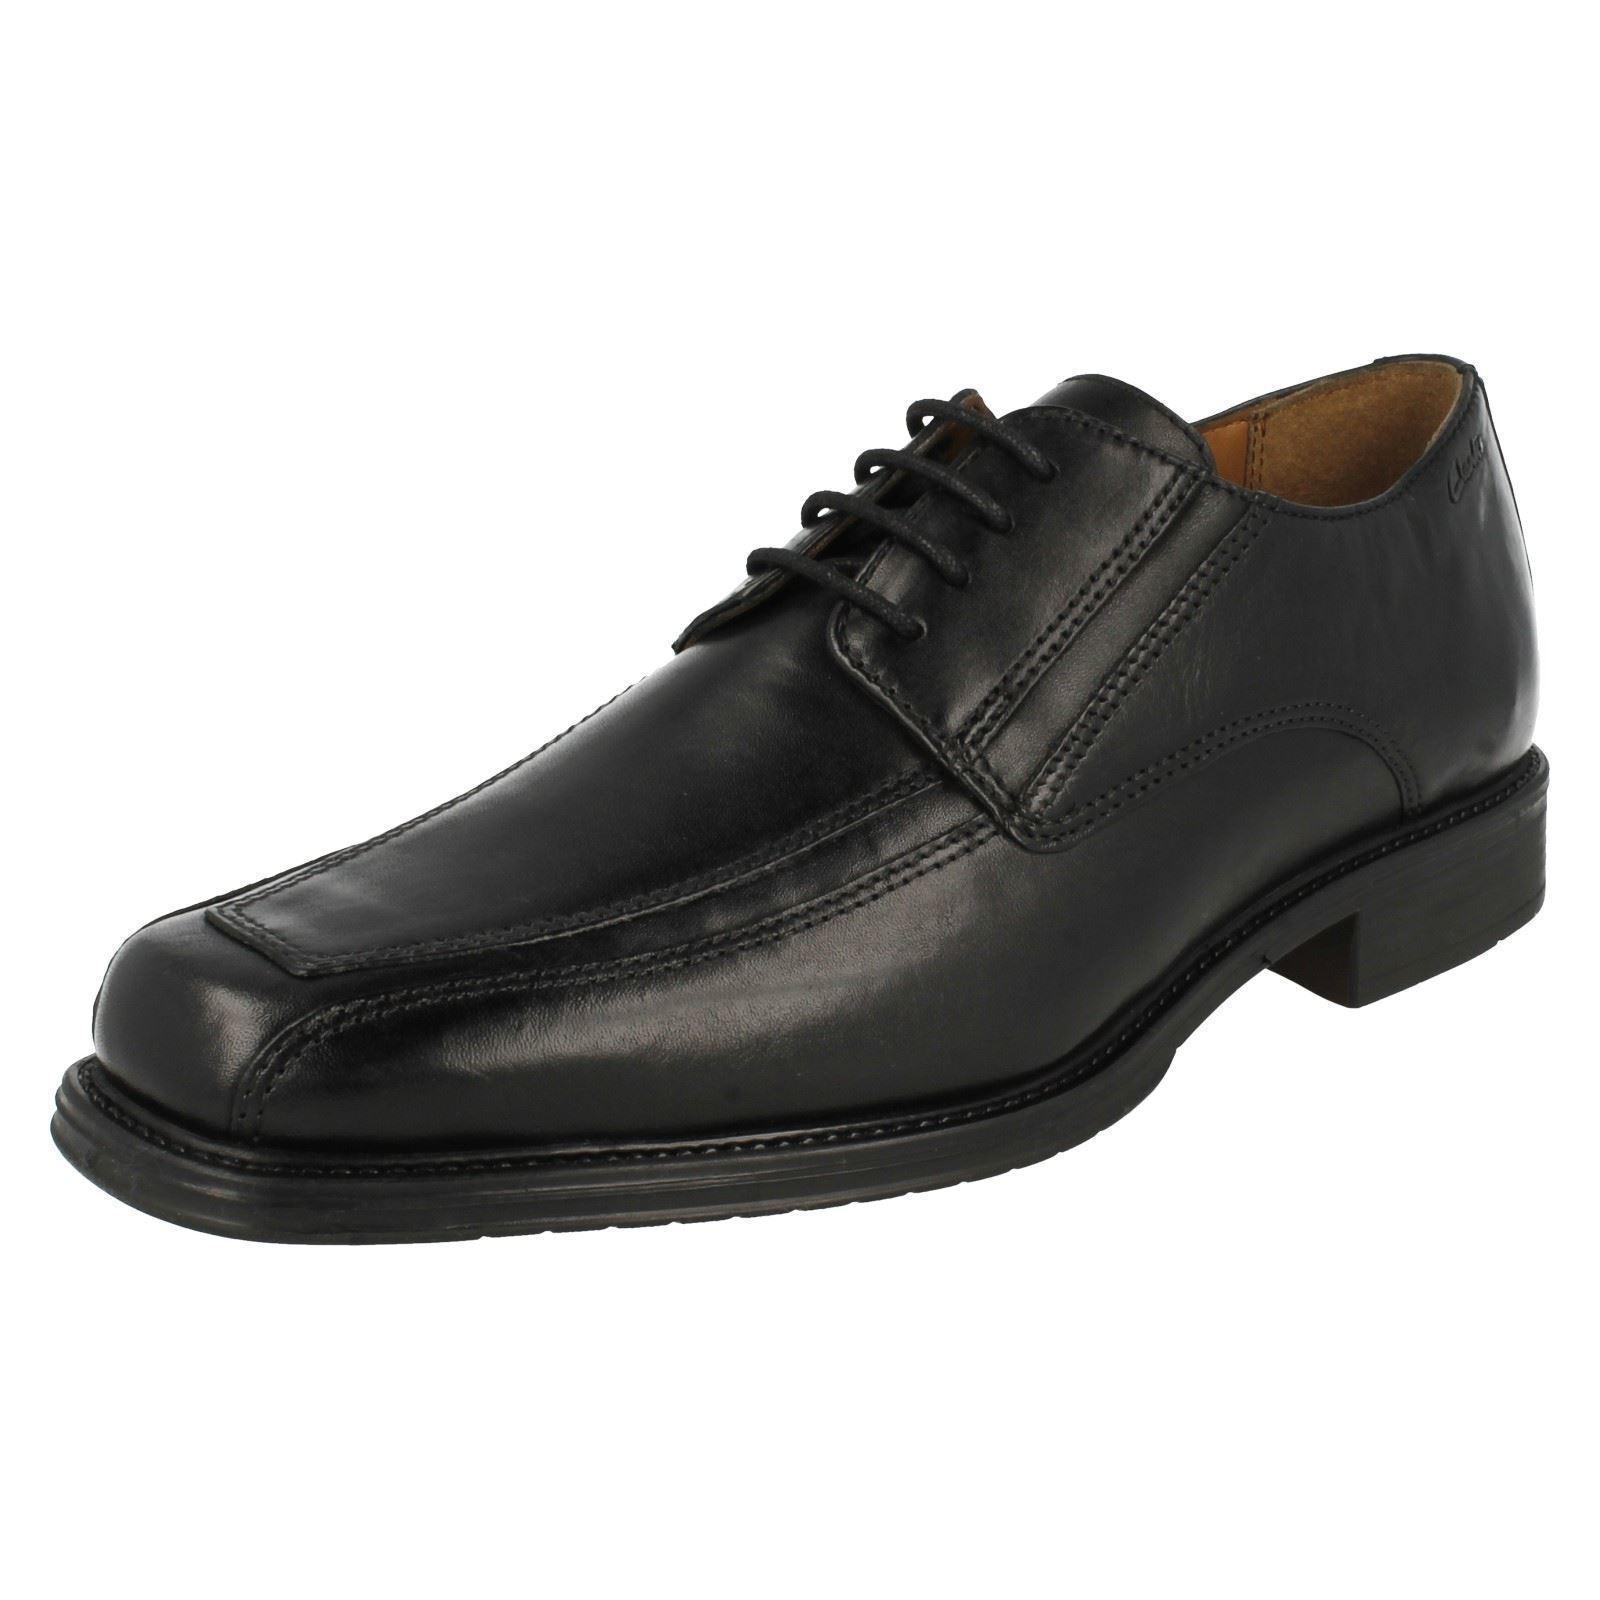 Clarks Driggs Walk Herren schwarzes Leder Schnürschuh G PASSFORM (R38b) (Kett )